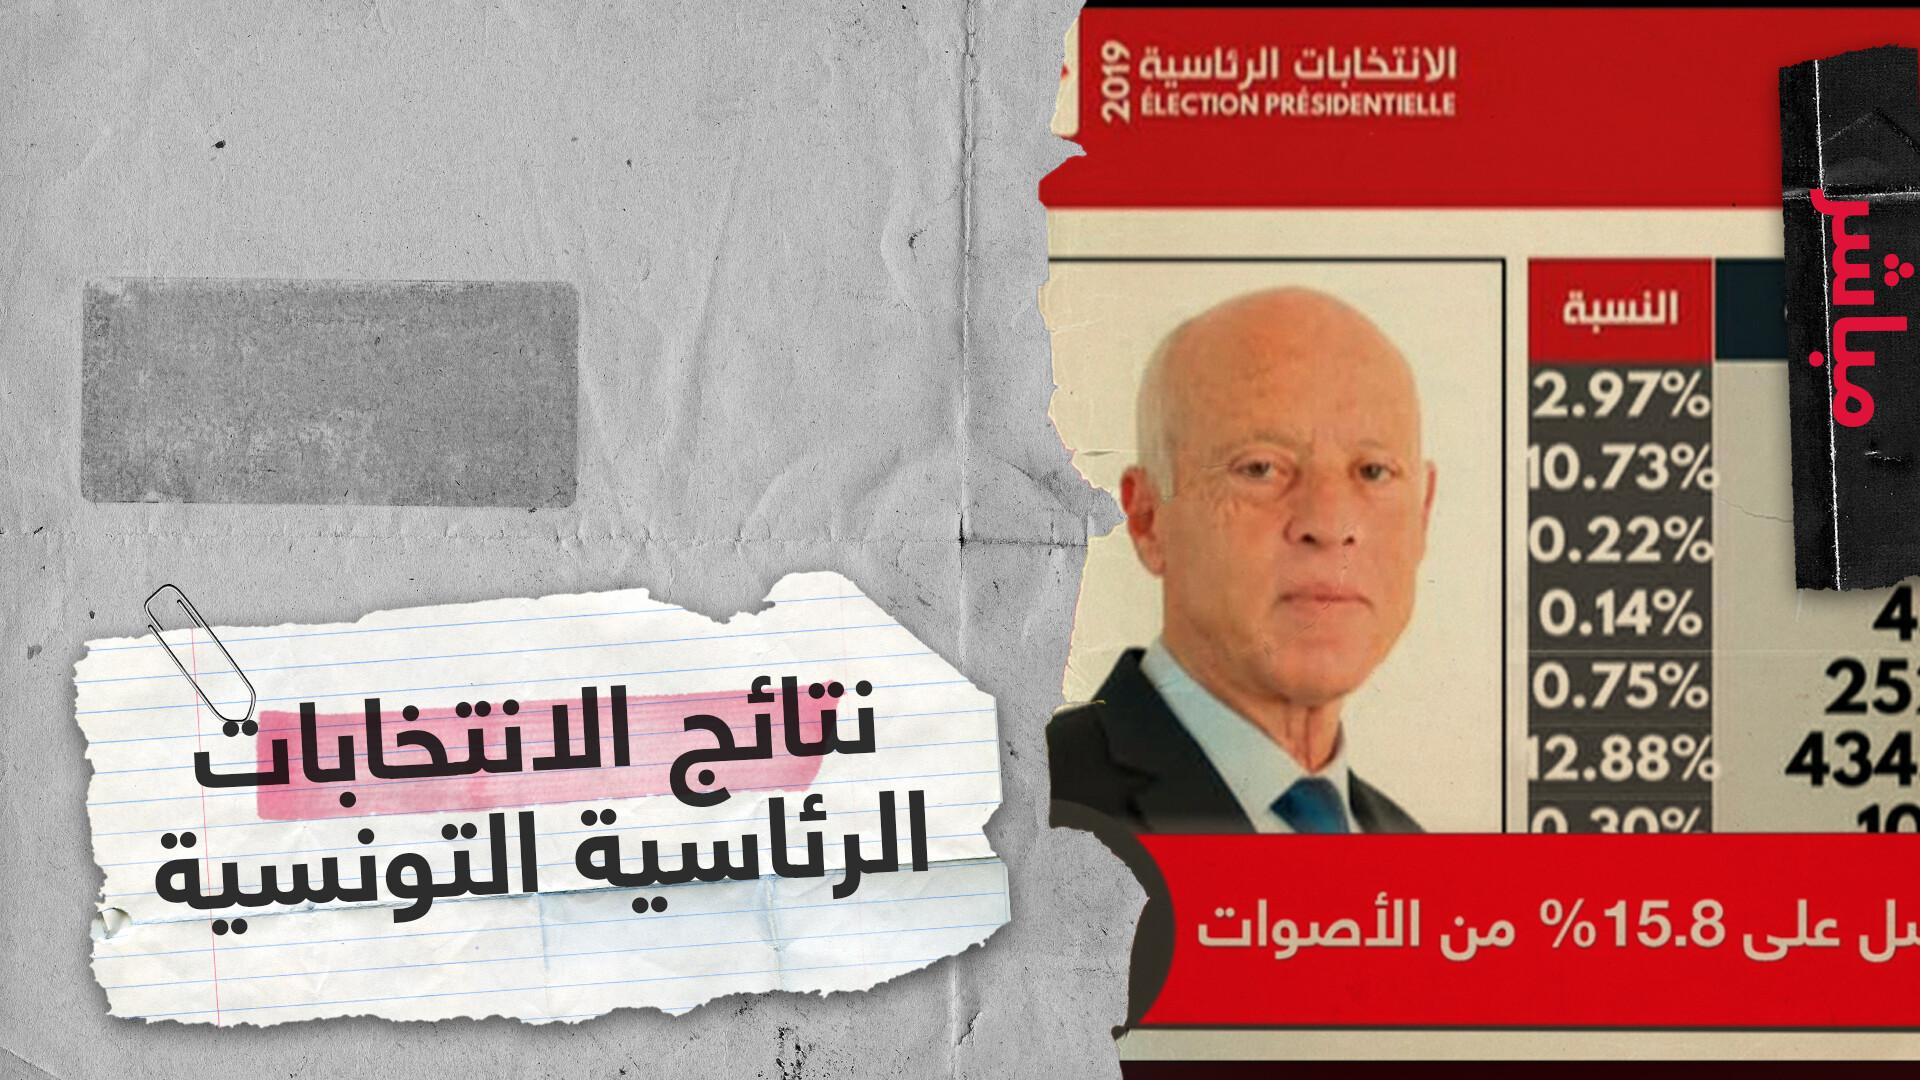 إعلان نتائج الانتخابات التونسية